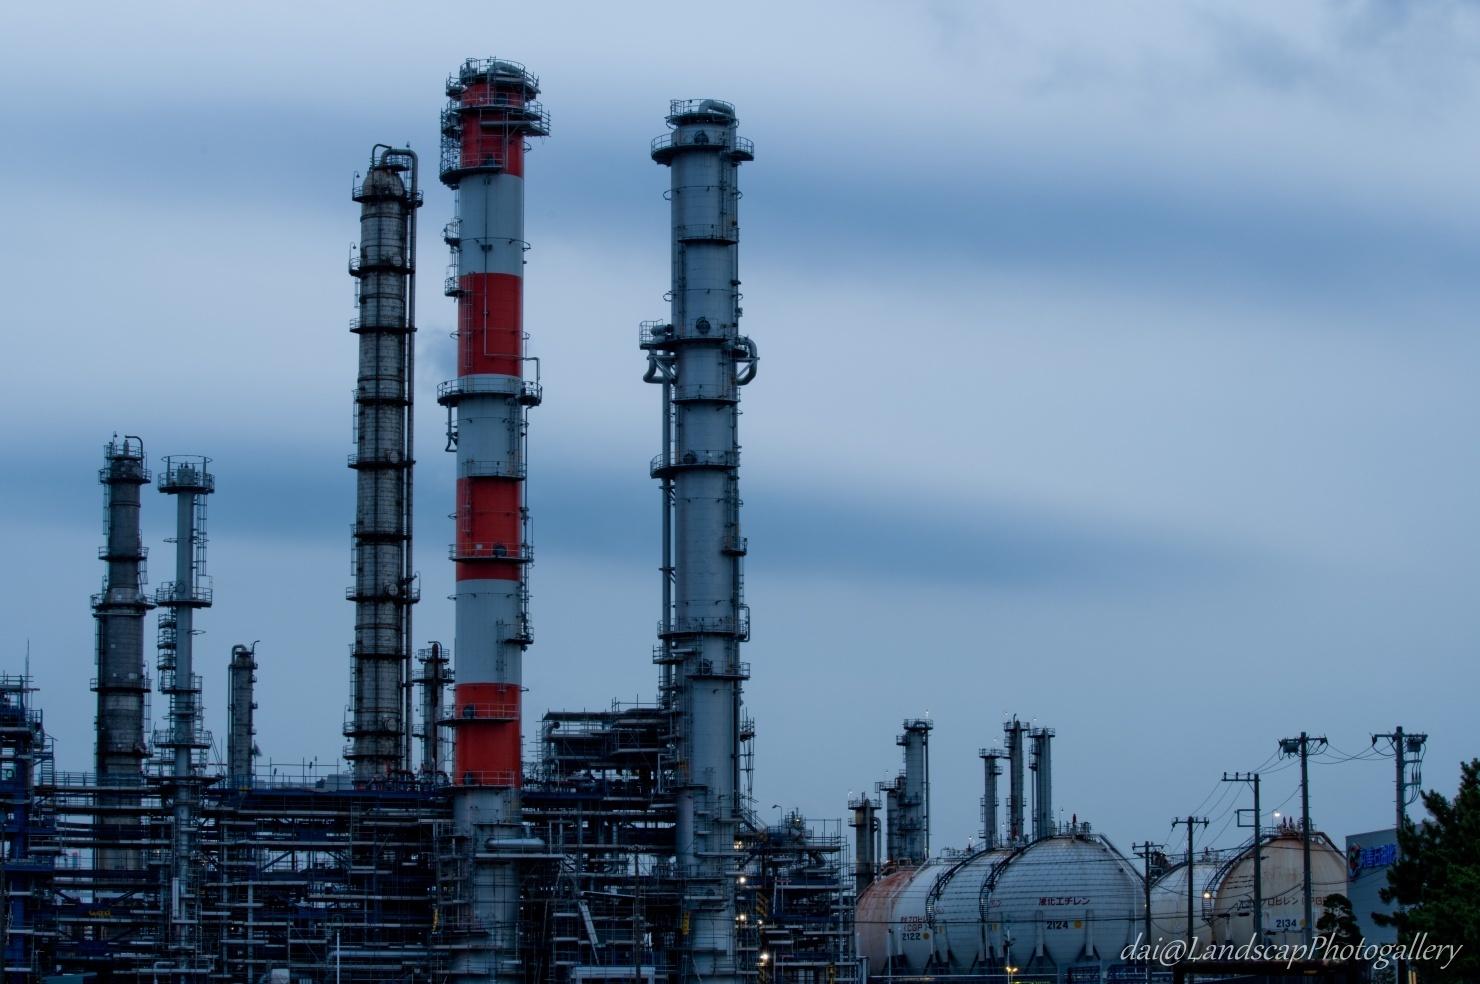 曇り空の工場風景